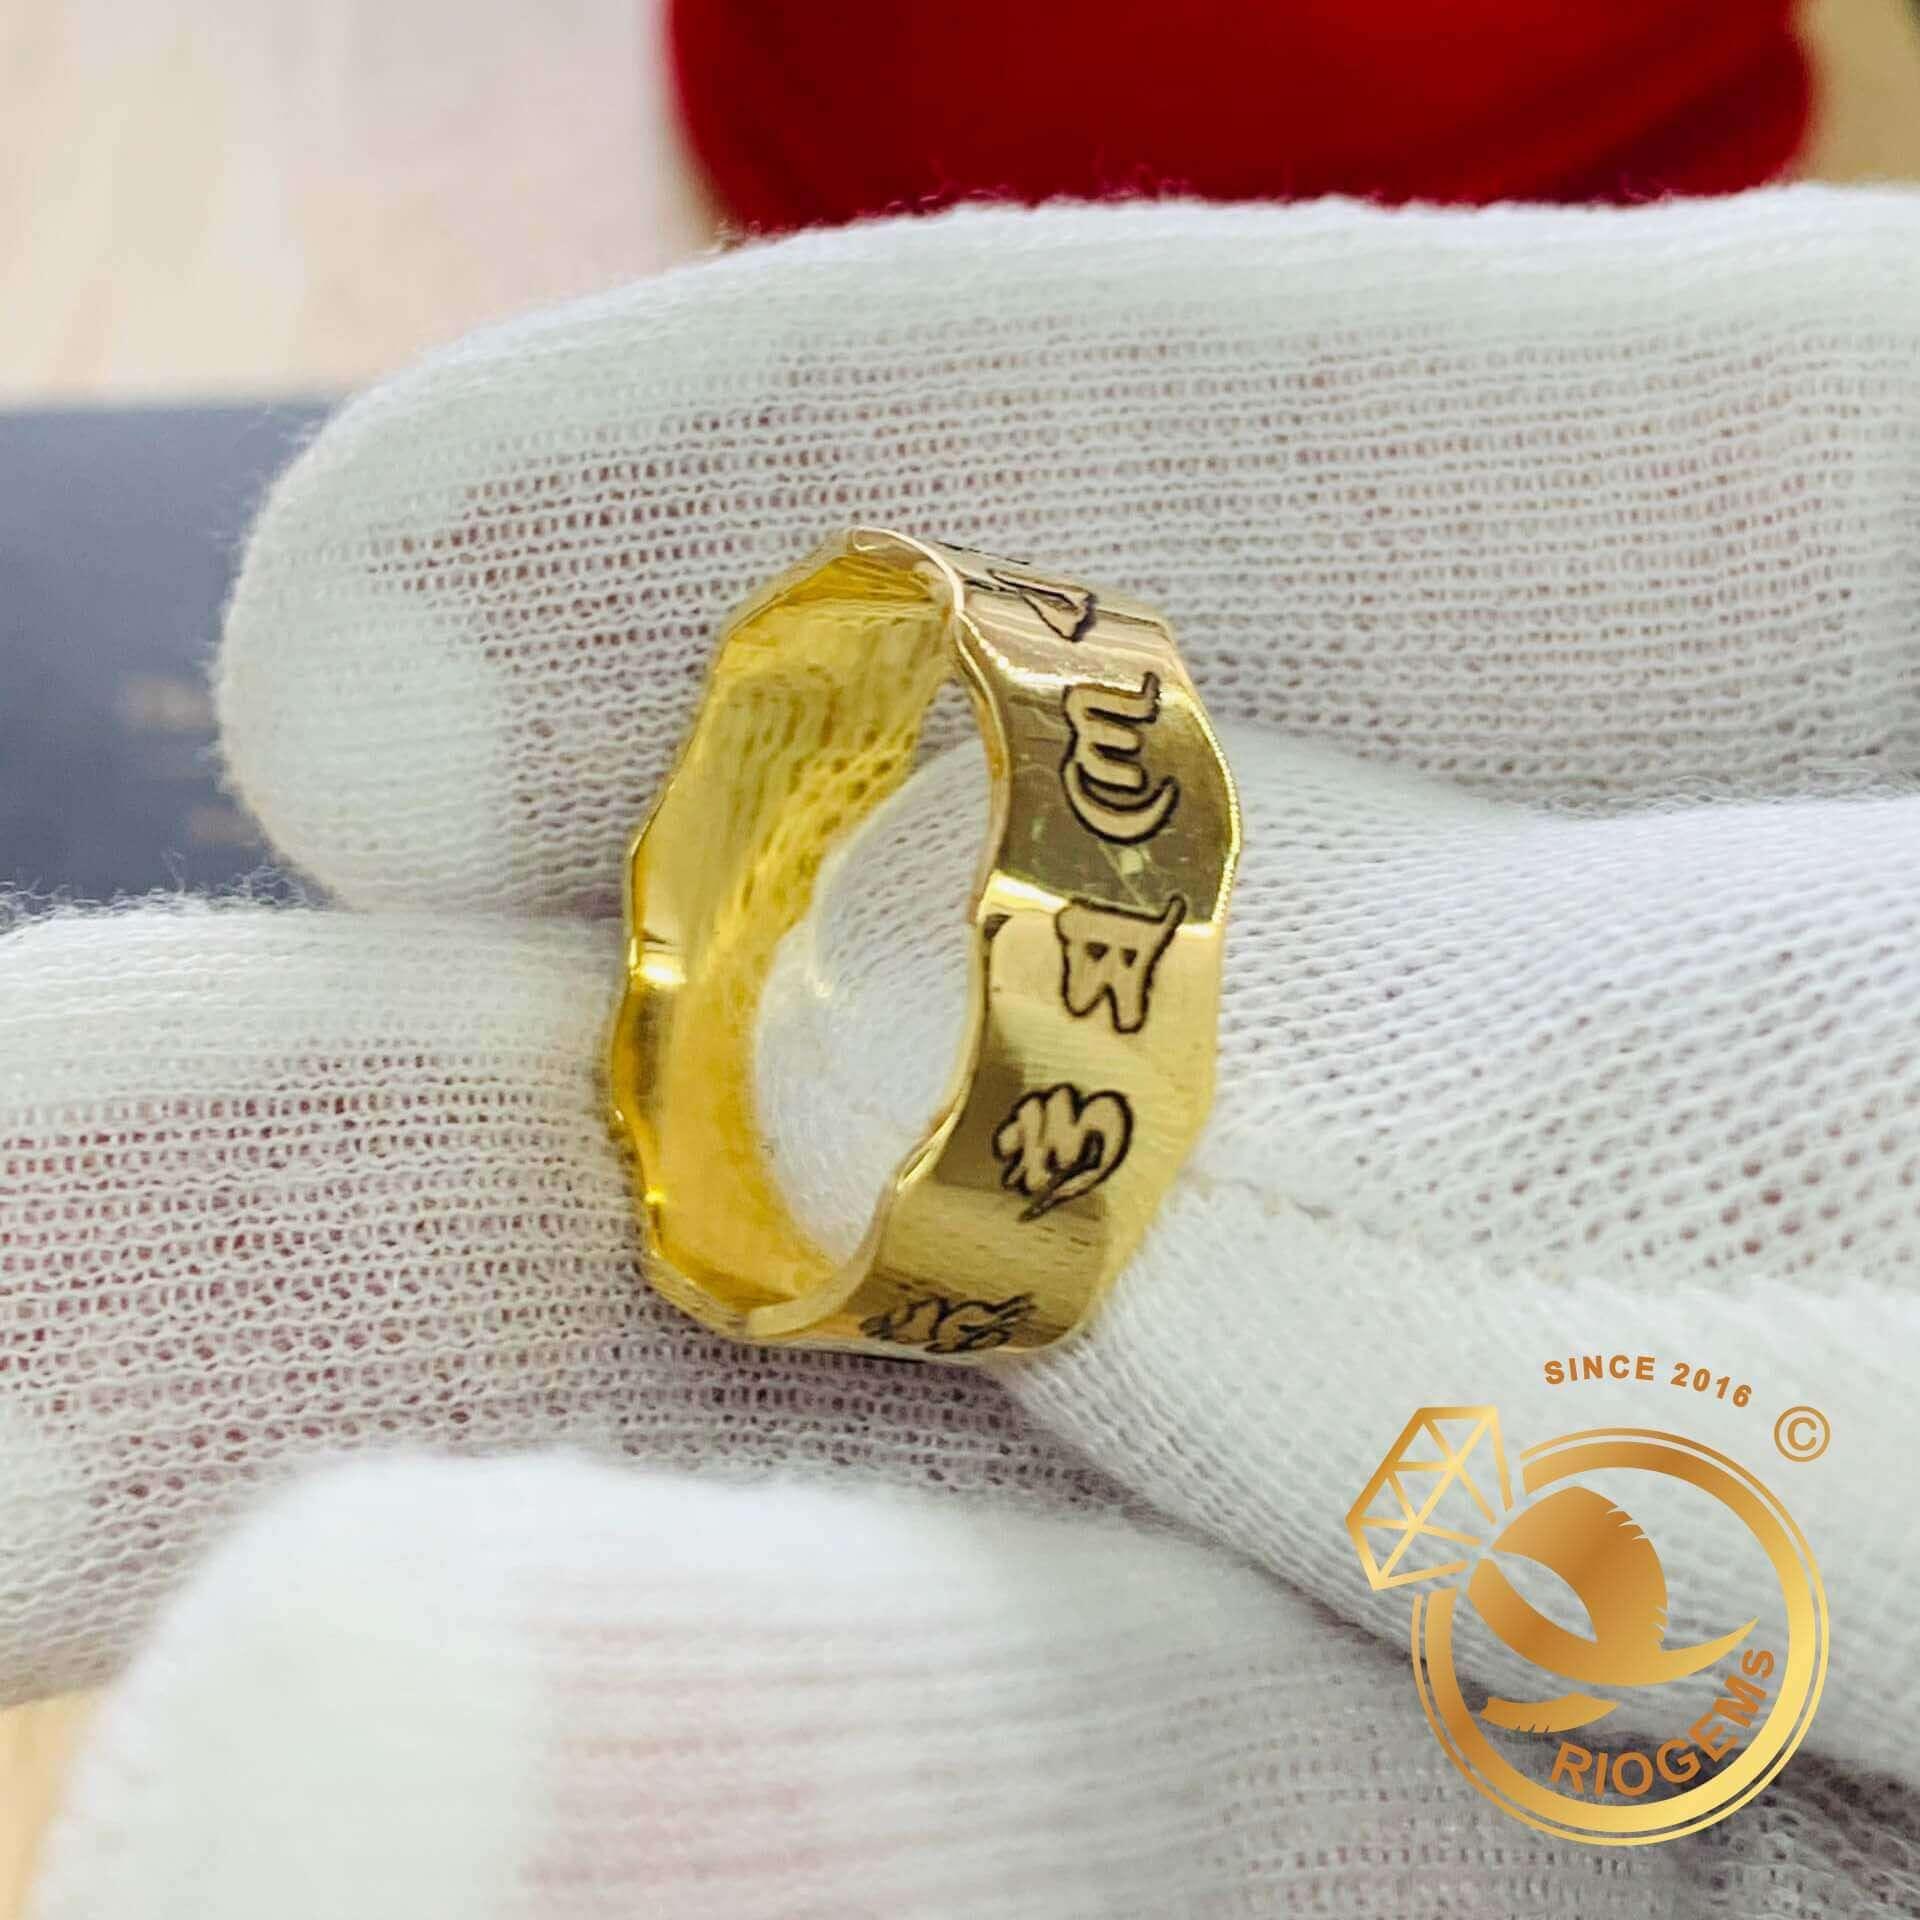 nhẫn Oh Mani Tahi khắc được gia công tại RIOGEMs